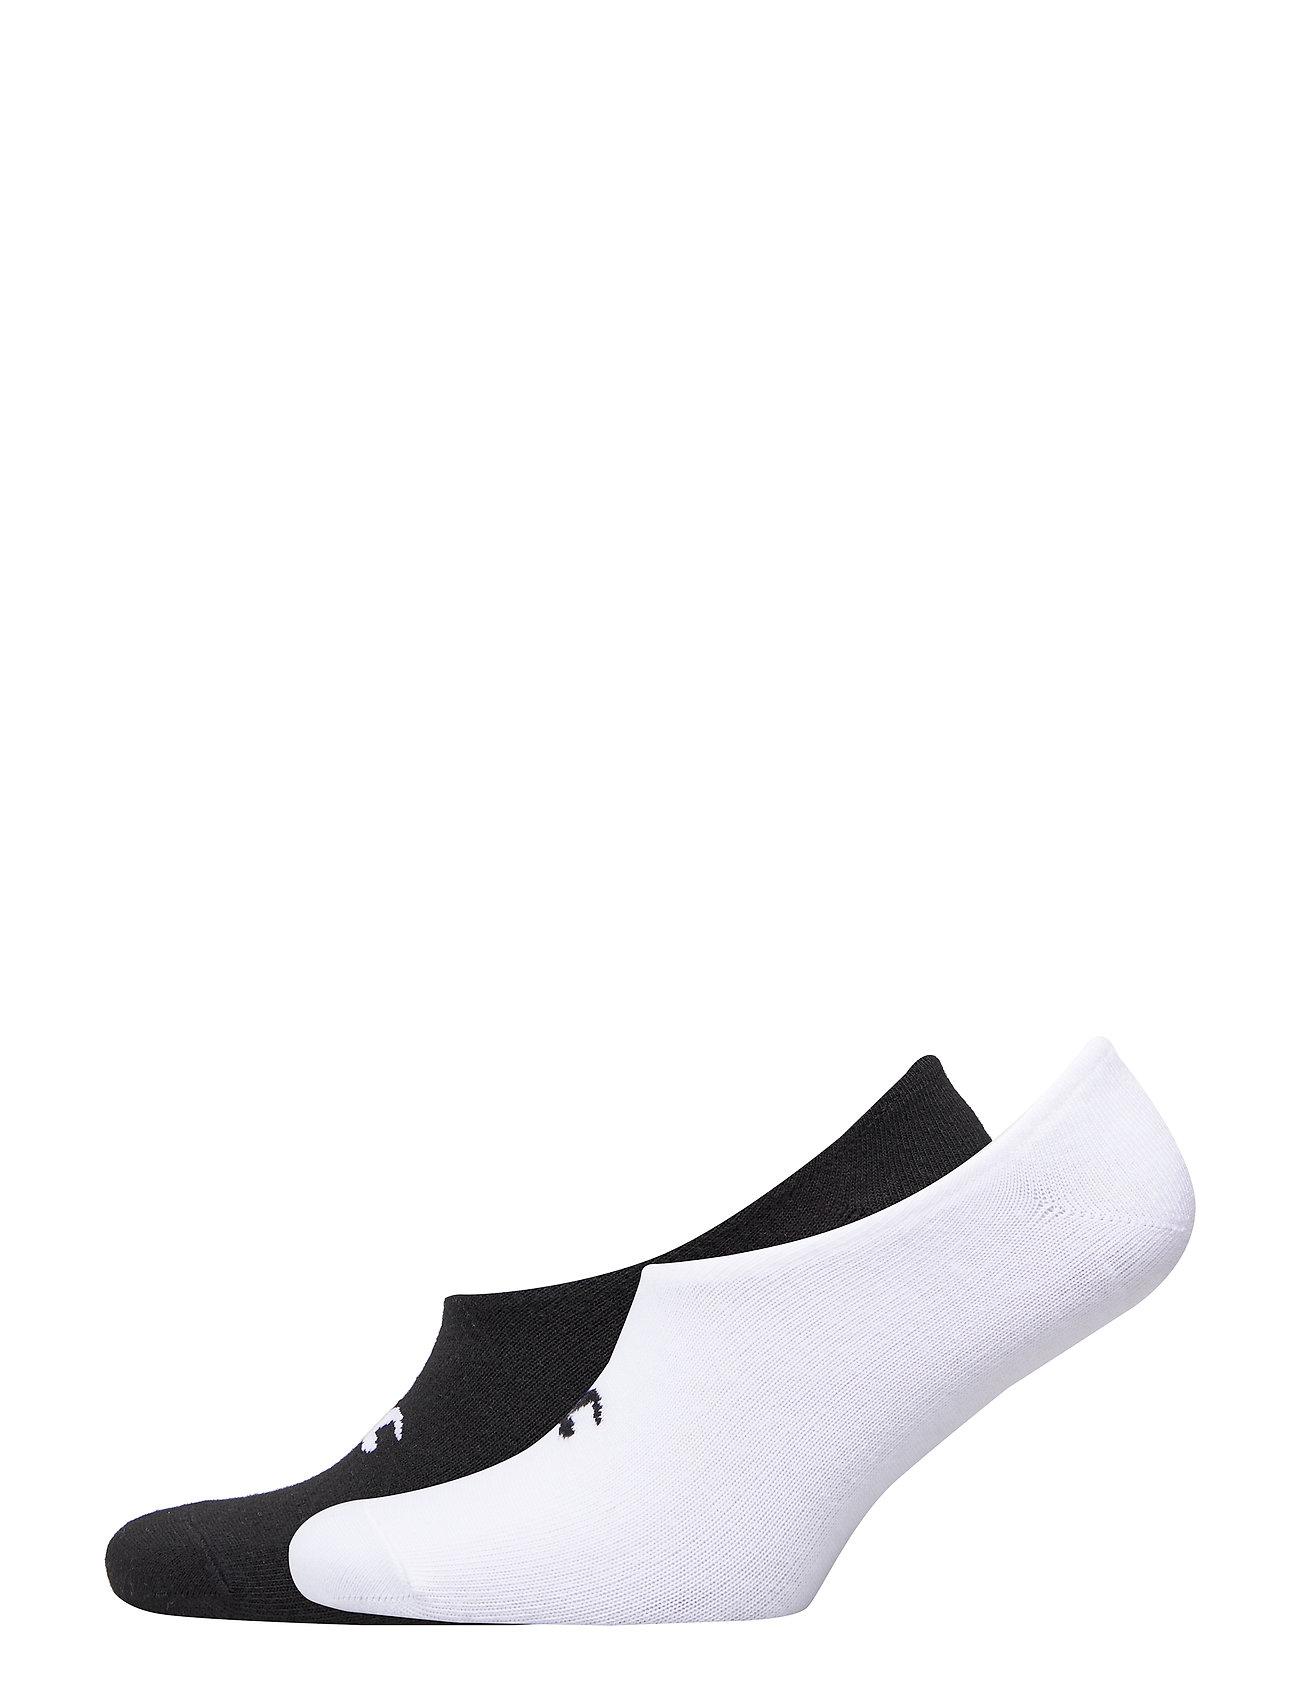 Hollister Sock 2 Pack - WHITE